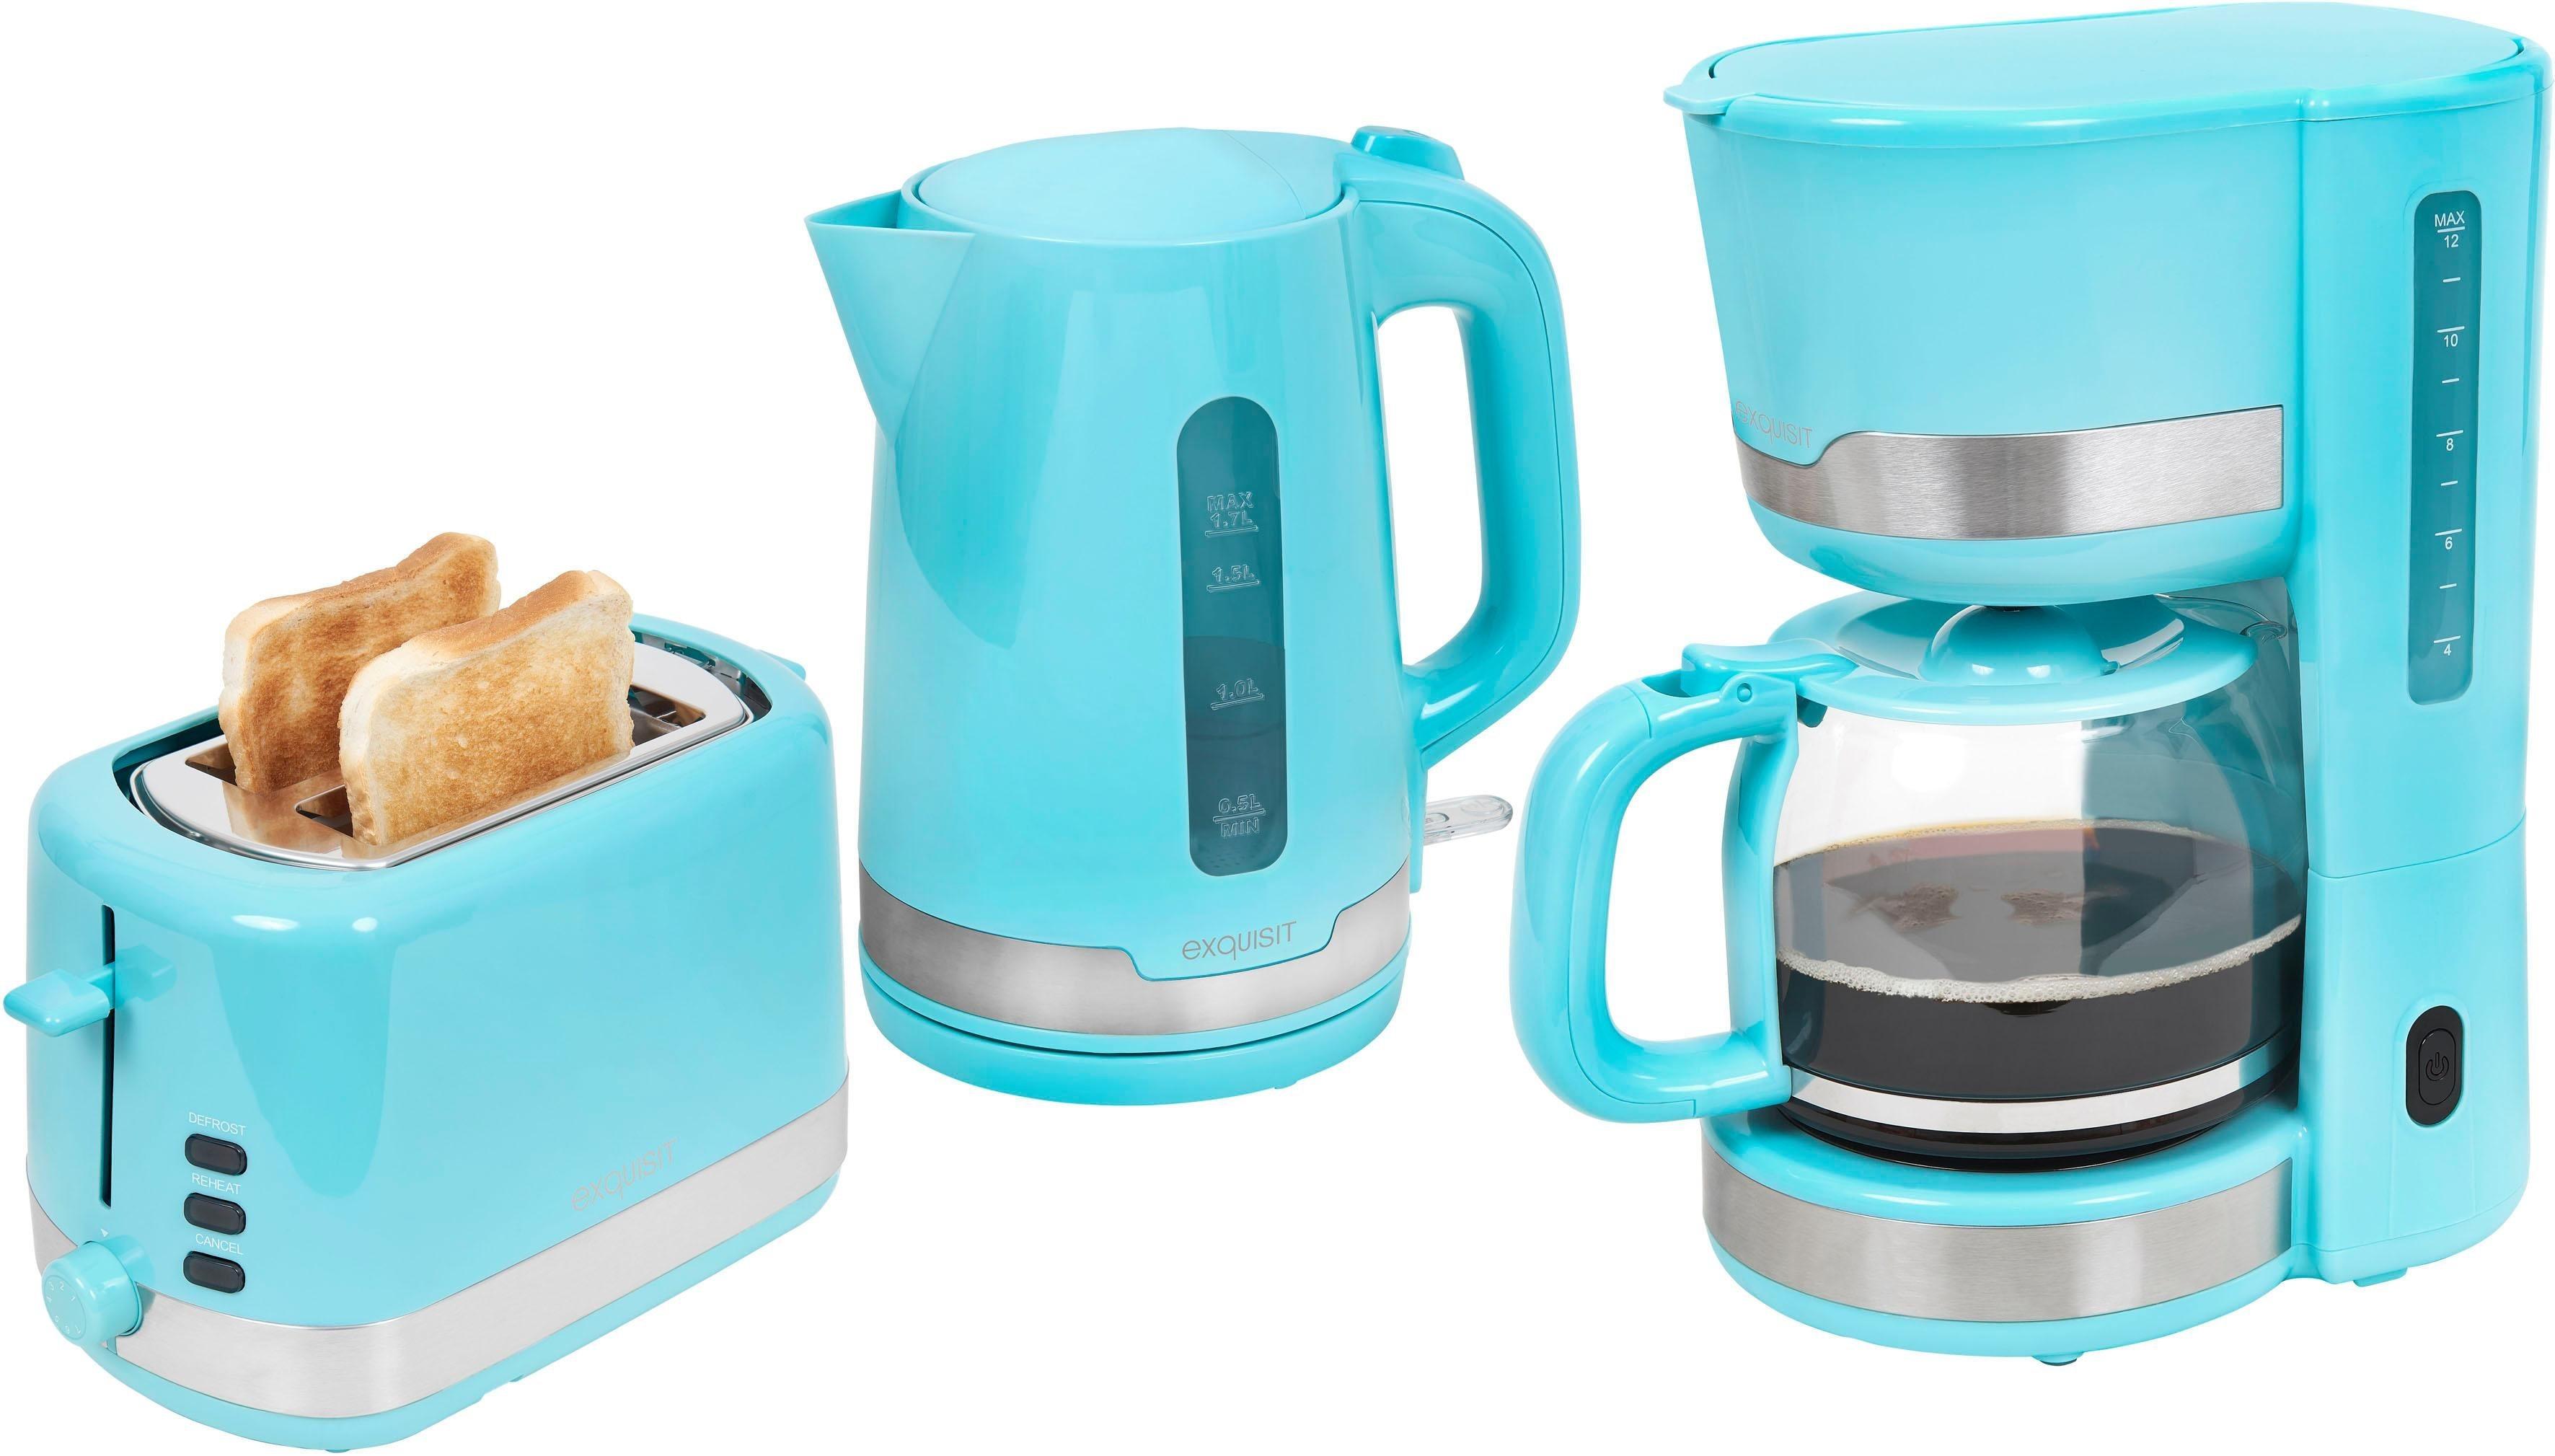 Filterkaffeemaschine, Wasserkocher und Toaster im Set, FS 7101 pbl